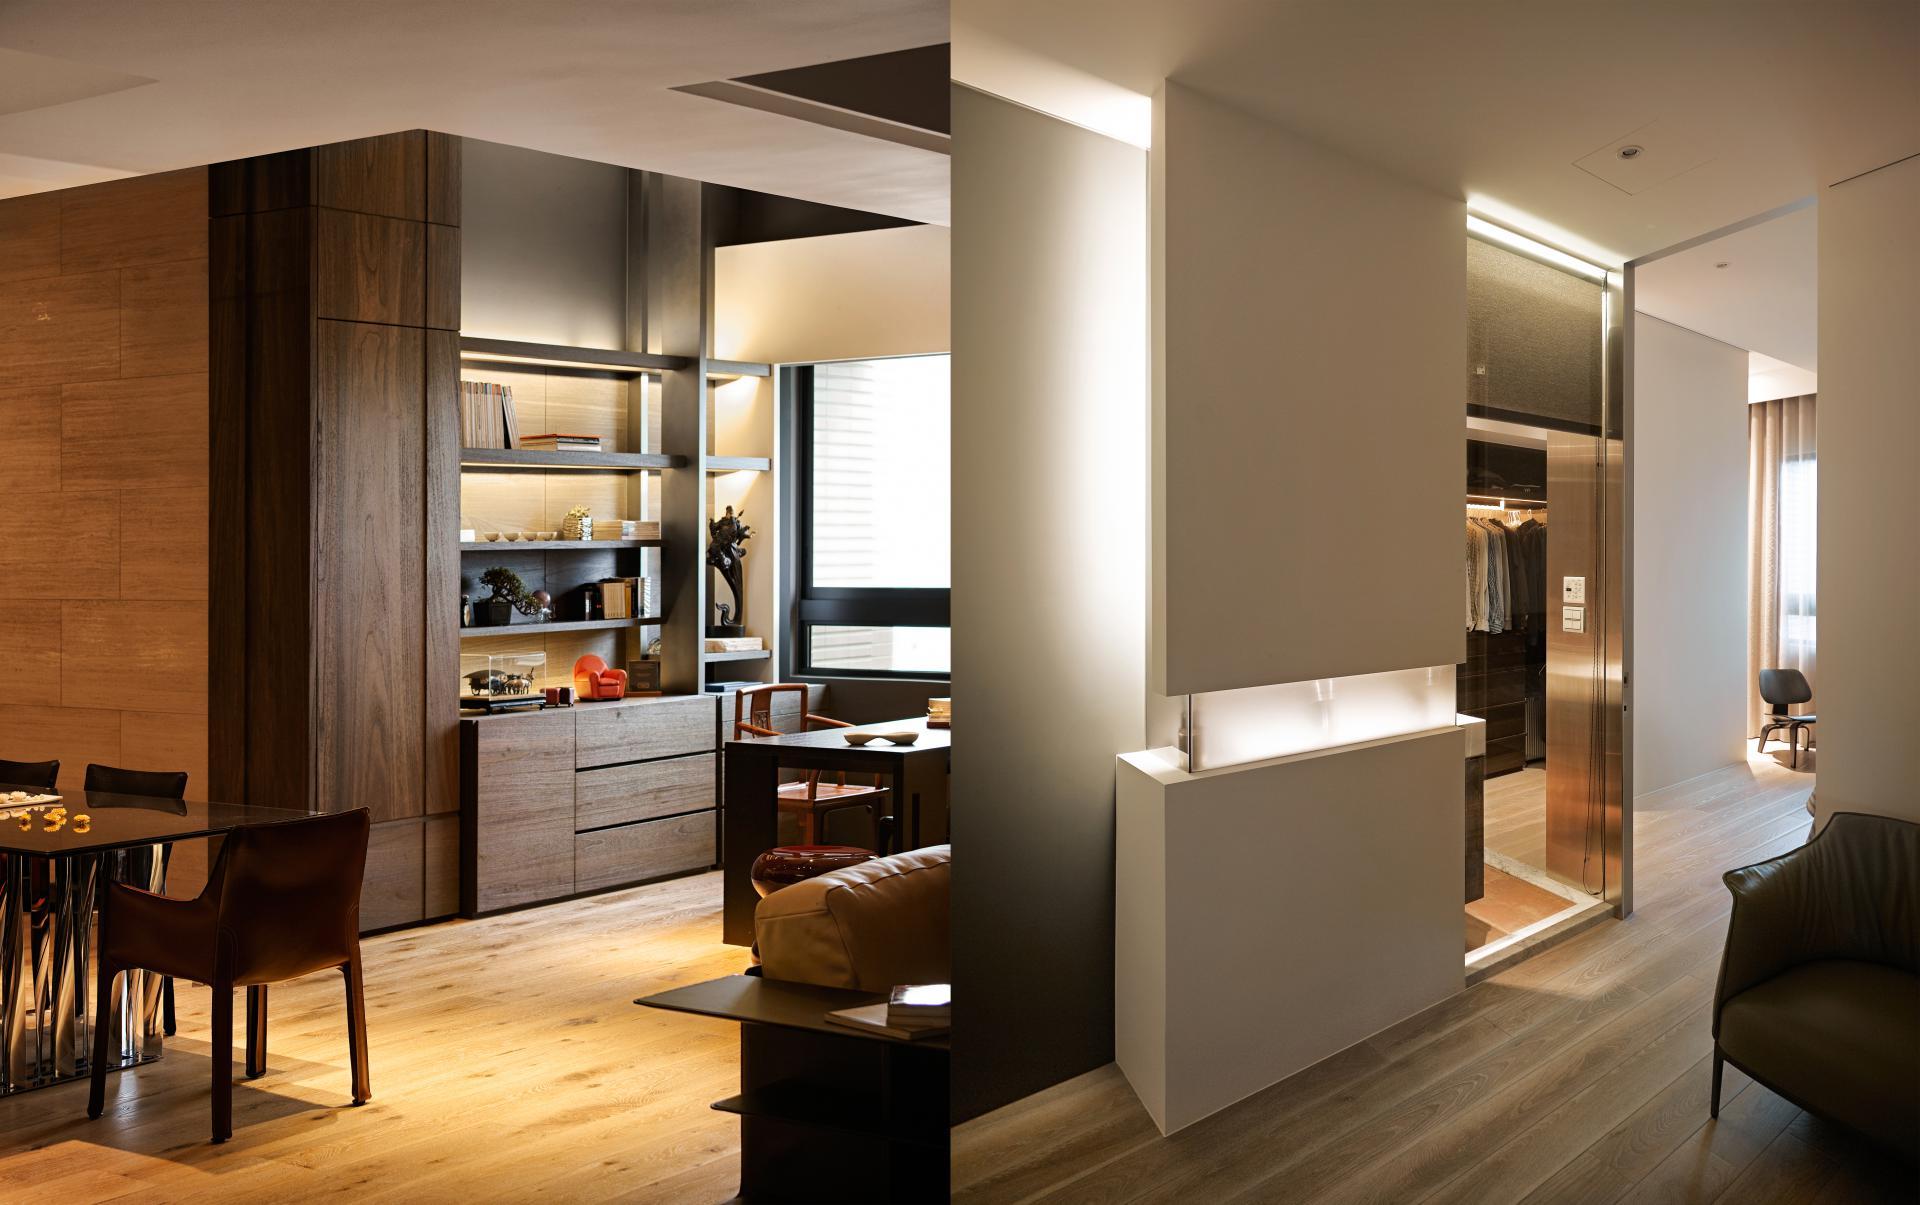 Wedo thiết kế nội thất nhà đẹp lấy cảm hứng từ thiên nhiên